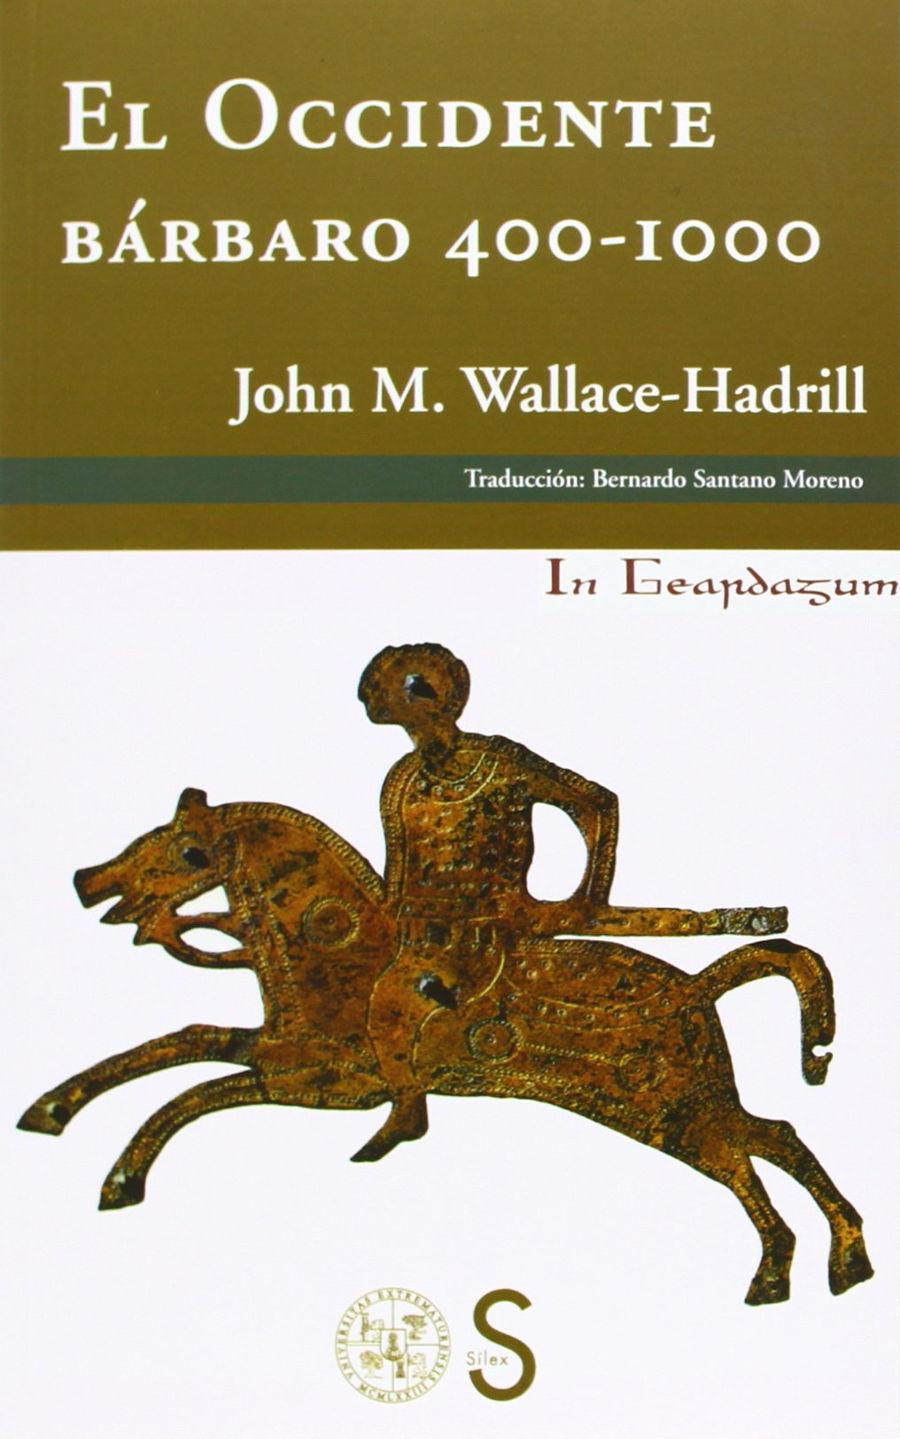 El Occidente bárbaro 400-1000 (In Geardagum) Book Cover